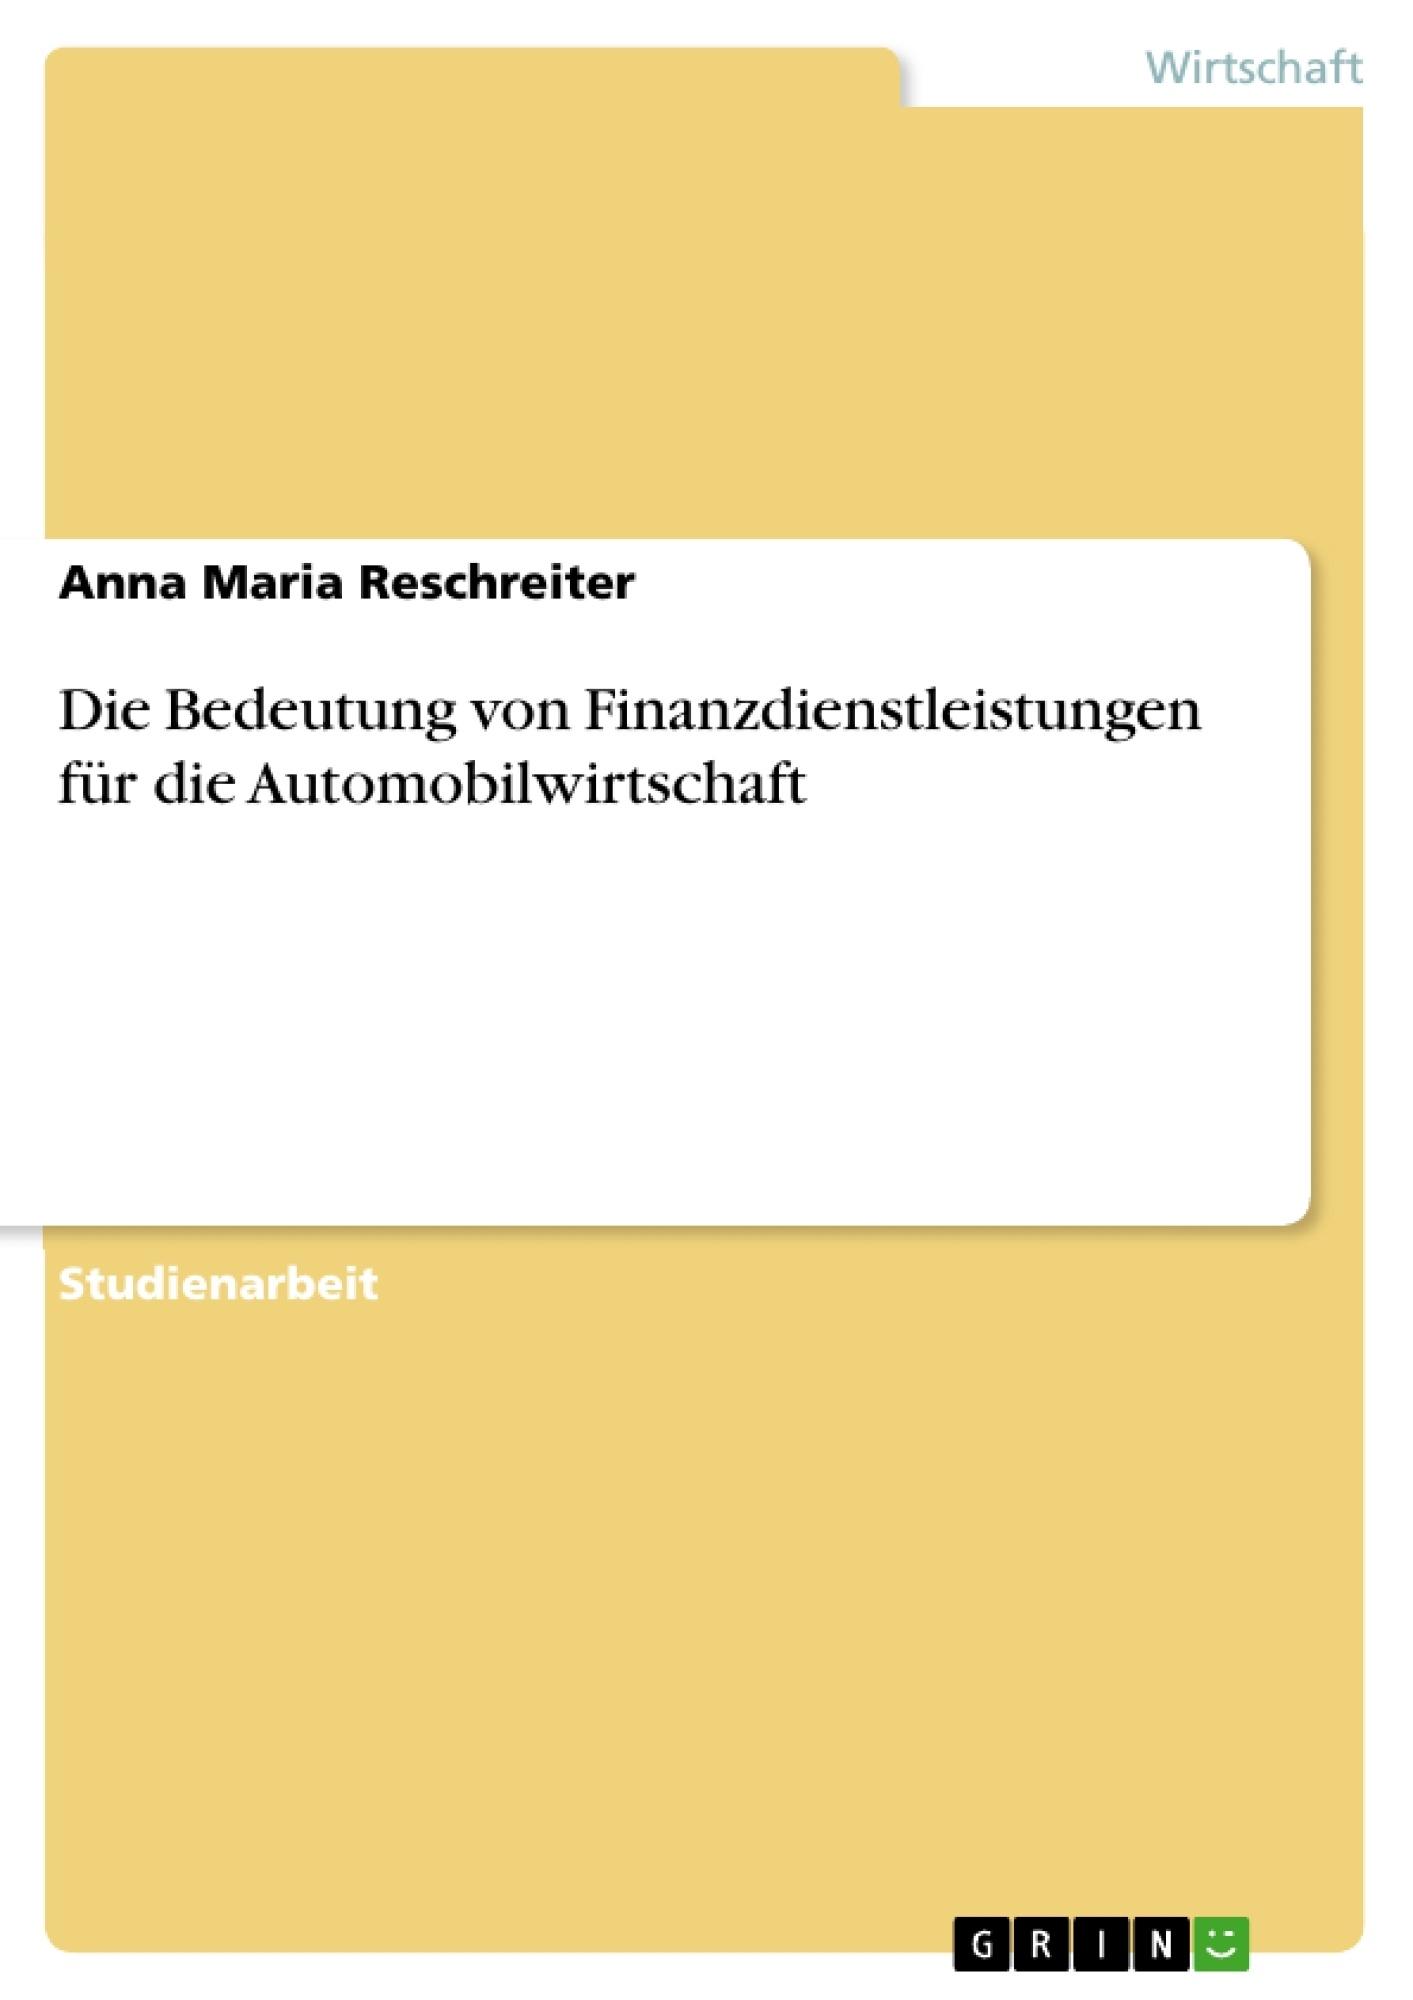 Titel: Die Bedeutung von Finanzdienstleistungen für die Automobilwirtschaft